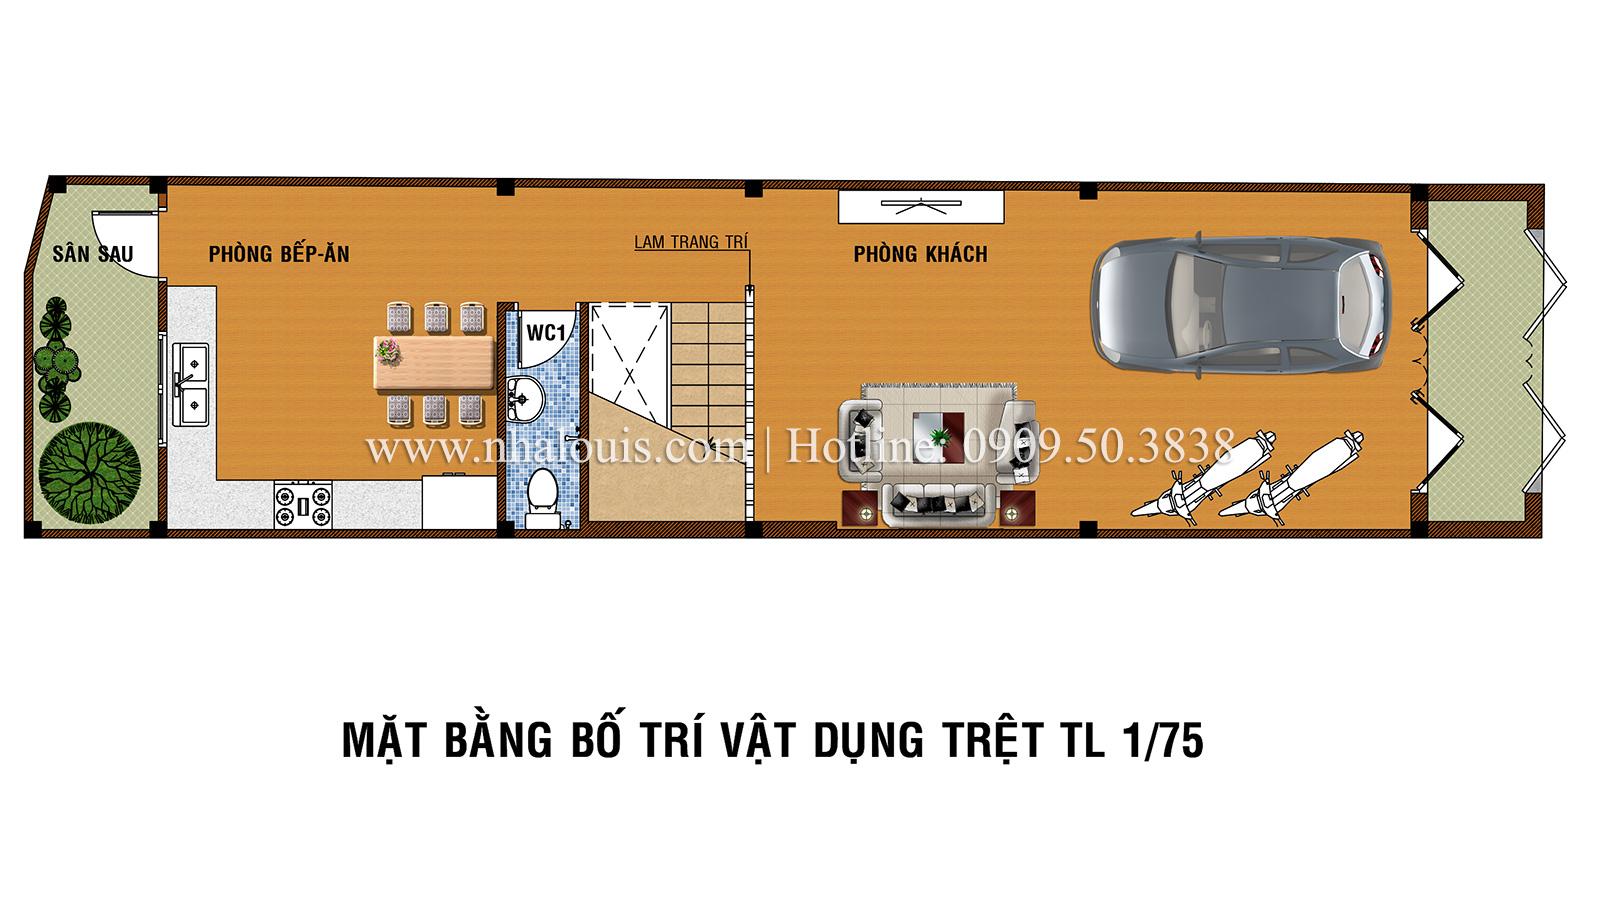 Tư vấn thiết kế nhà phố hiện đại 5 tầng sang chảnh tại quận Tân Phú - 03